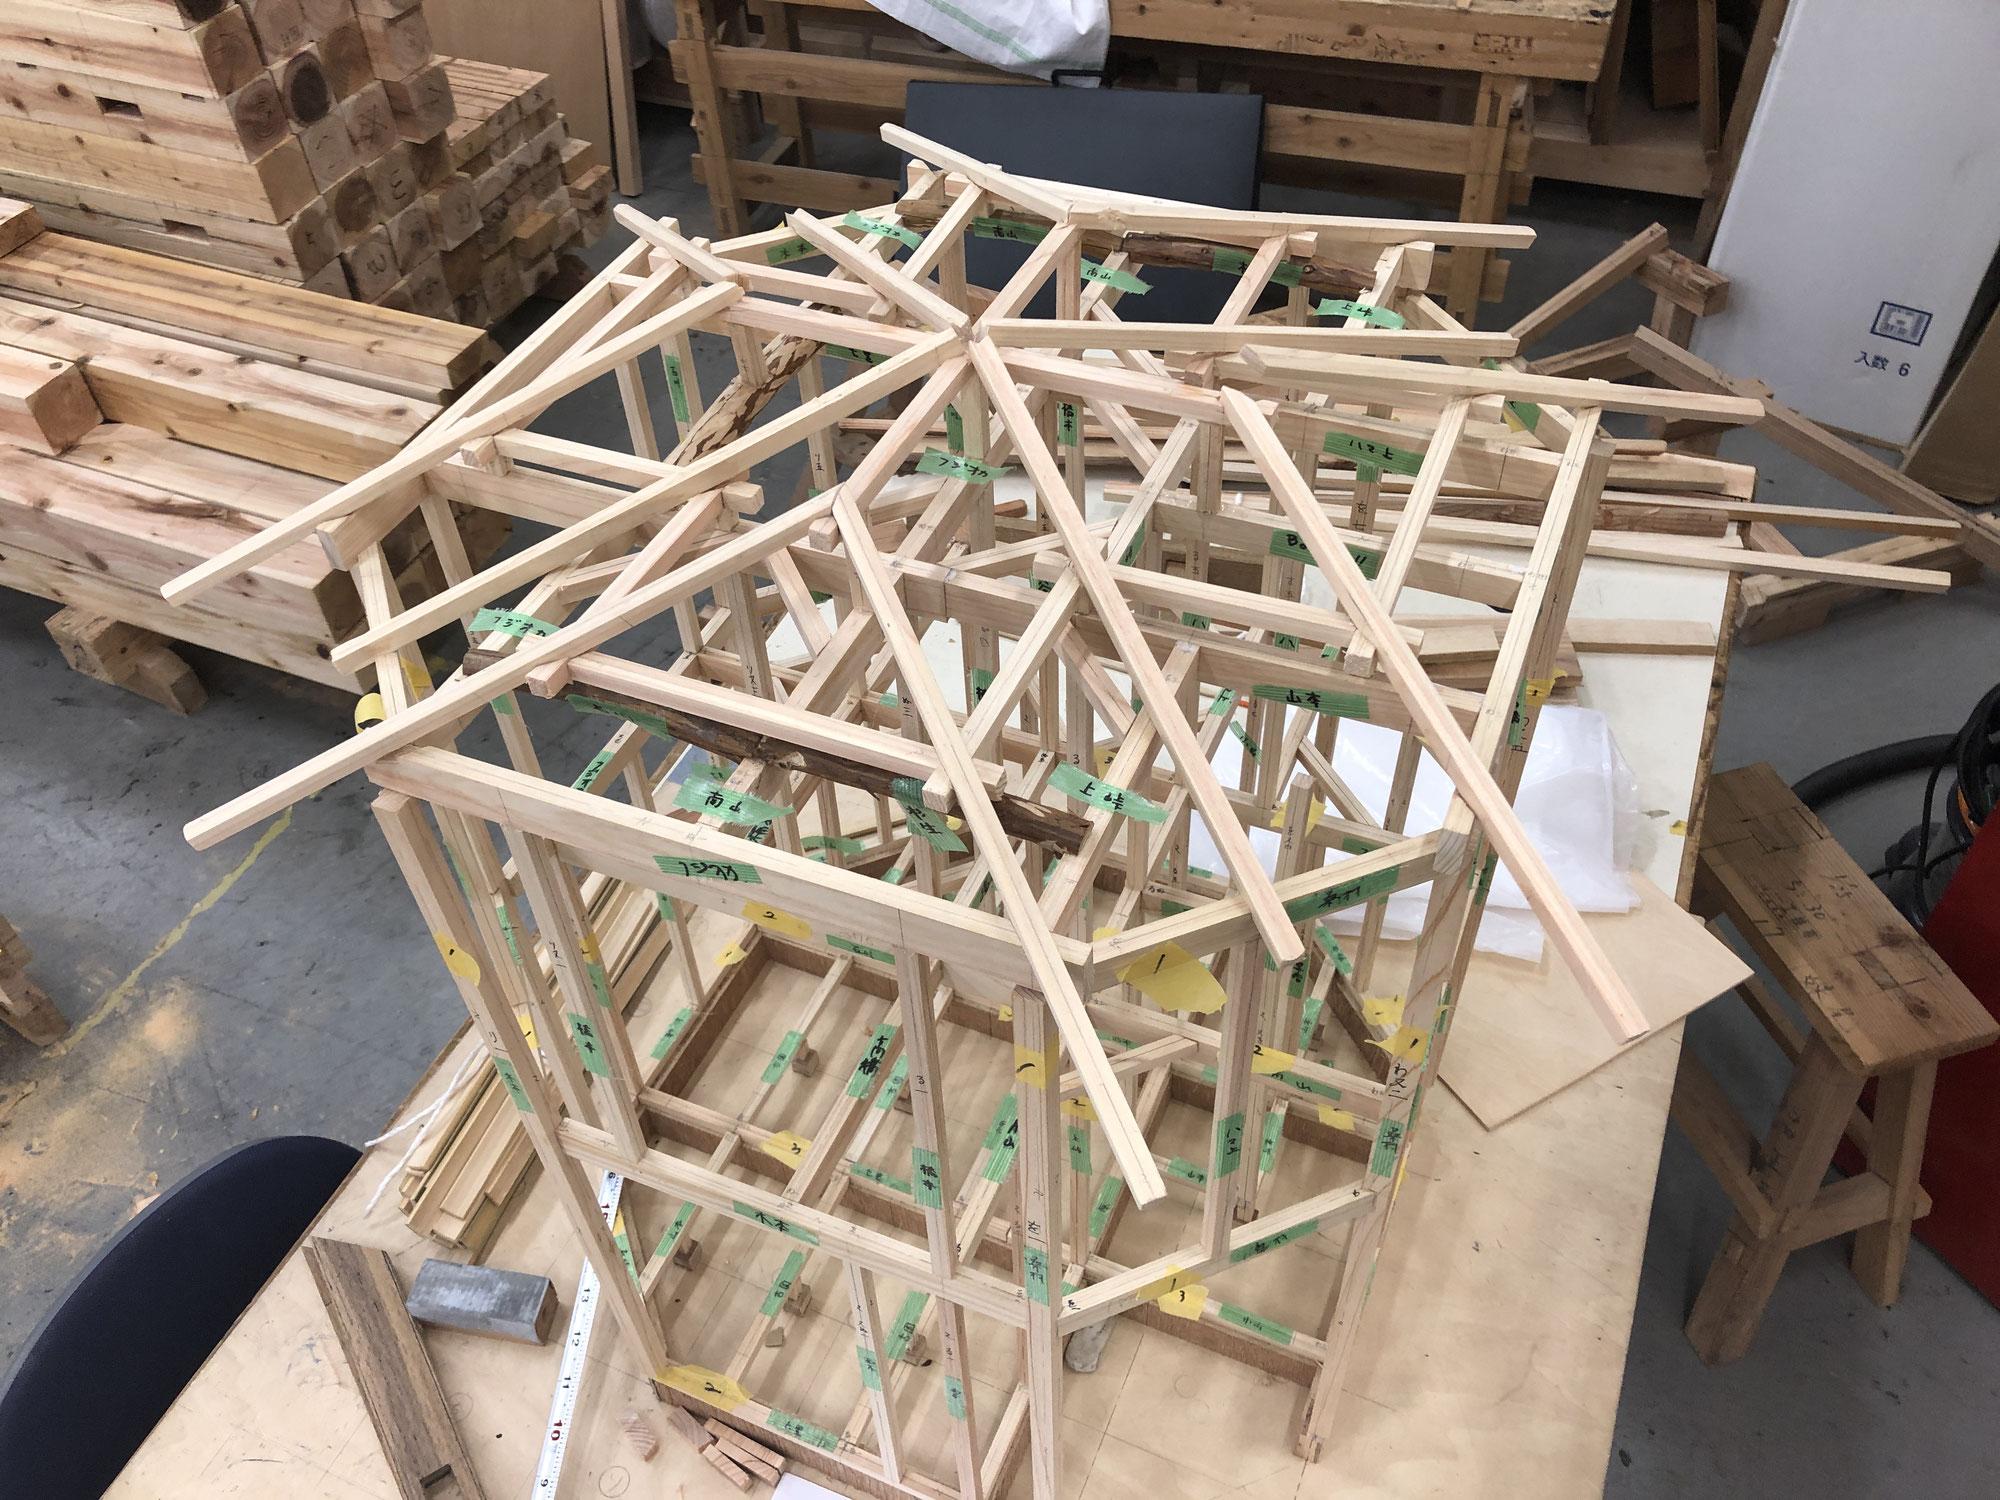 棟上げ実習が始まっています【大阪工業技術専門学校】